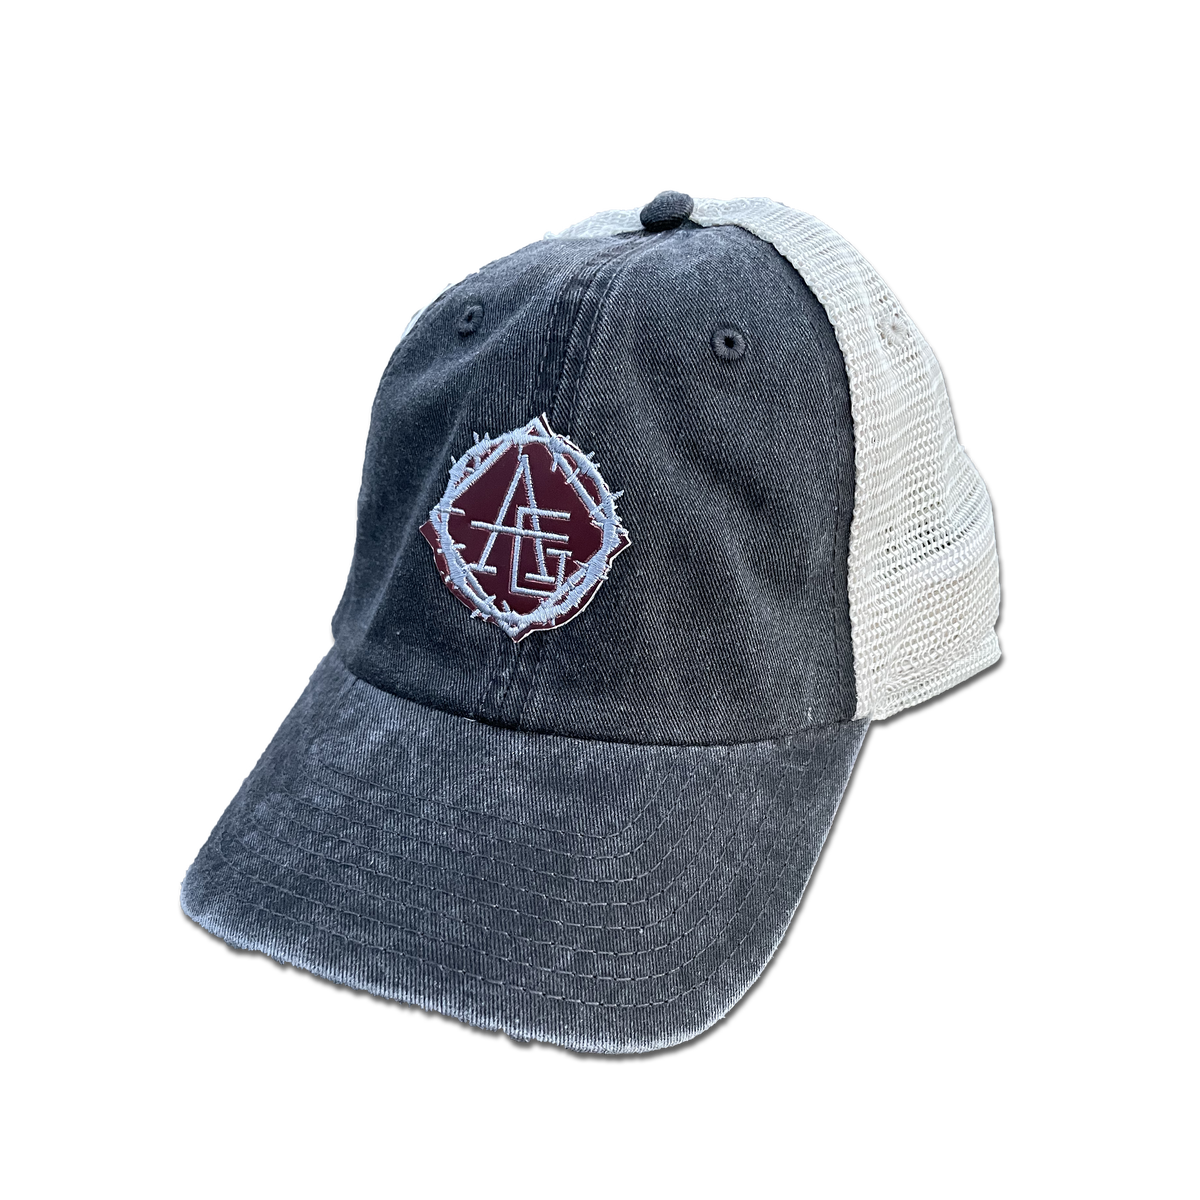 Image of Heat reactive logo trucker hat 🔥